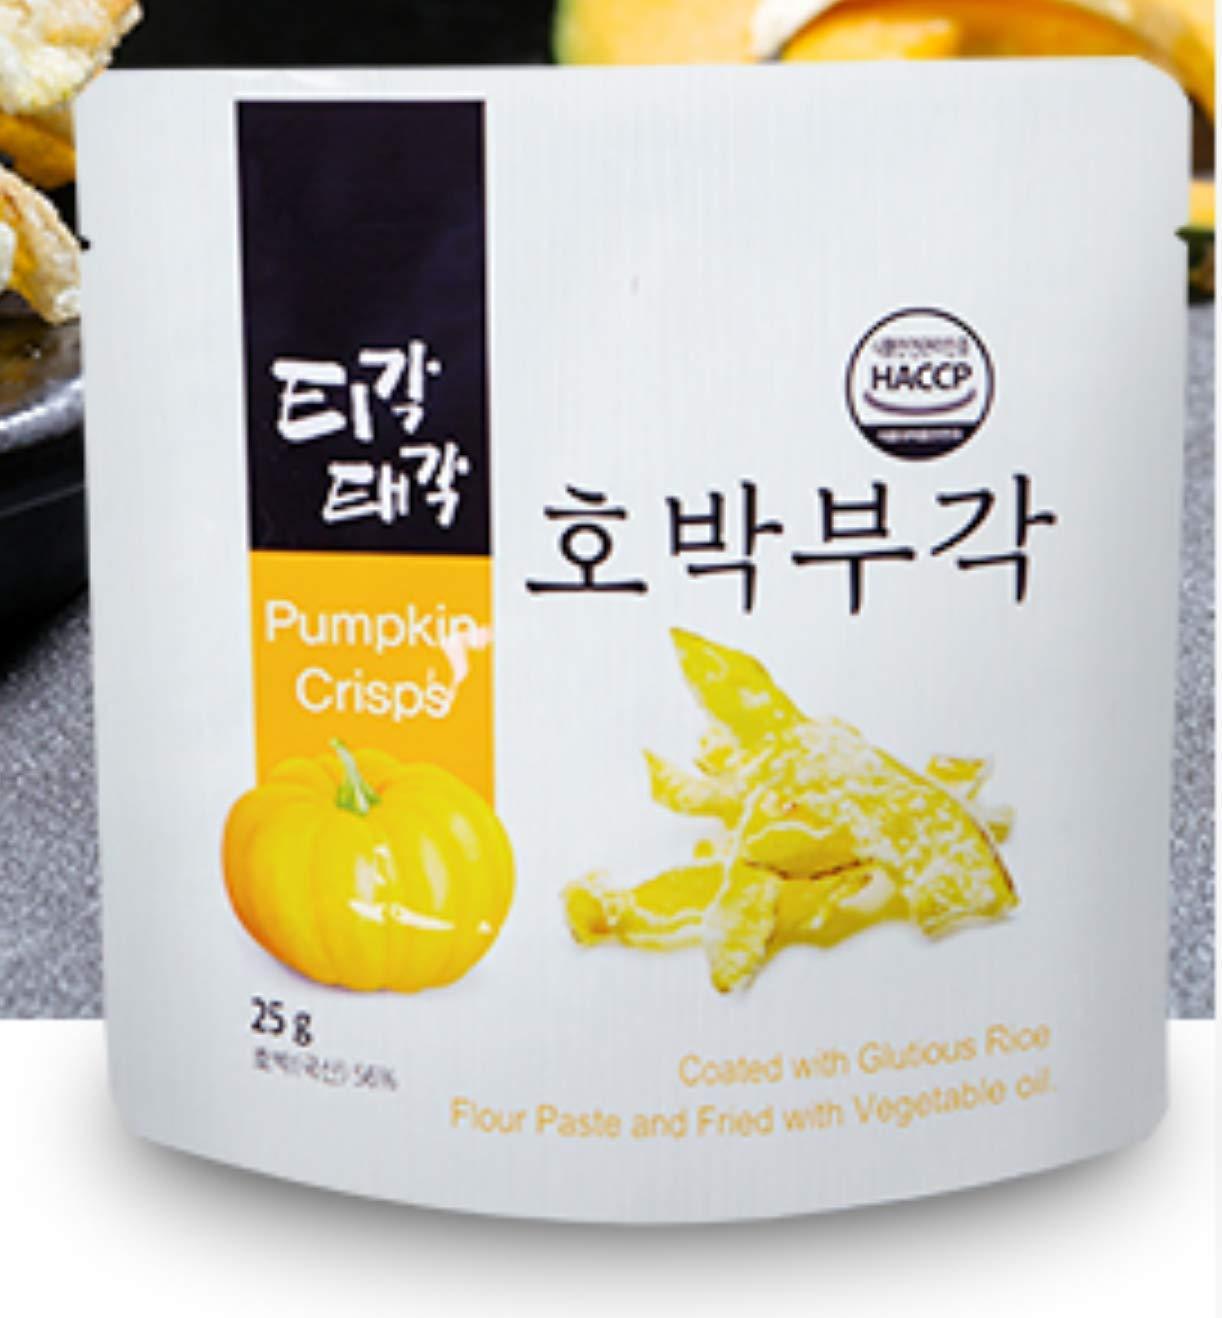 티각태각 Fried Vegetable low-pricing with Sticky Rice Crisps Elegant